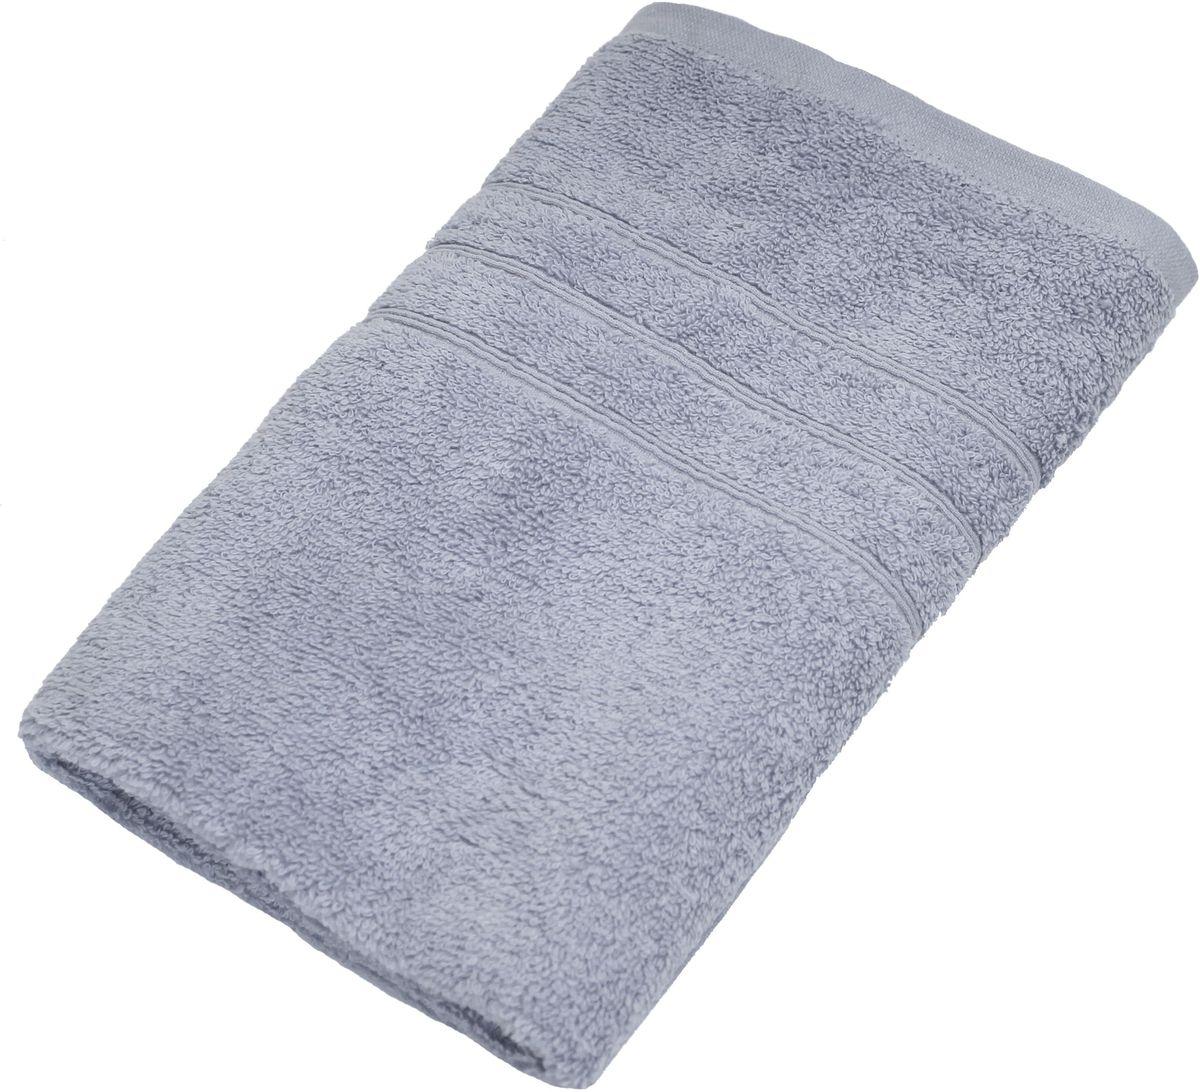 Полотенце Proffi Home Модерн, цвет: серый, 50 x 100 см68/5/3Мягкое махровое полотенцеProffi Home Модерн отлично впитывает влагу и быстро сохнет, приятно в него завернуться после принятия ванны или посещения сауны. Поэтому данное махровое полотенце можно использовать в качестве душевого, банного или пляжного полотенца. Состав: 100% хлопок.